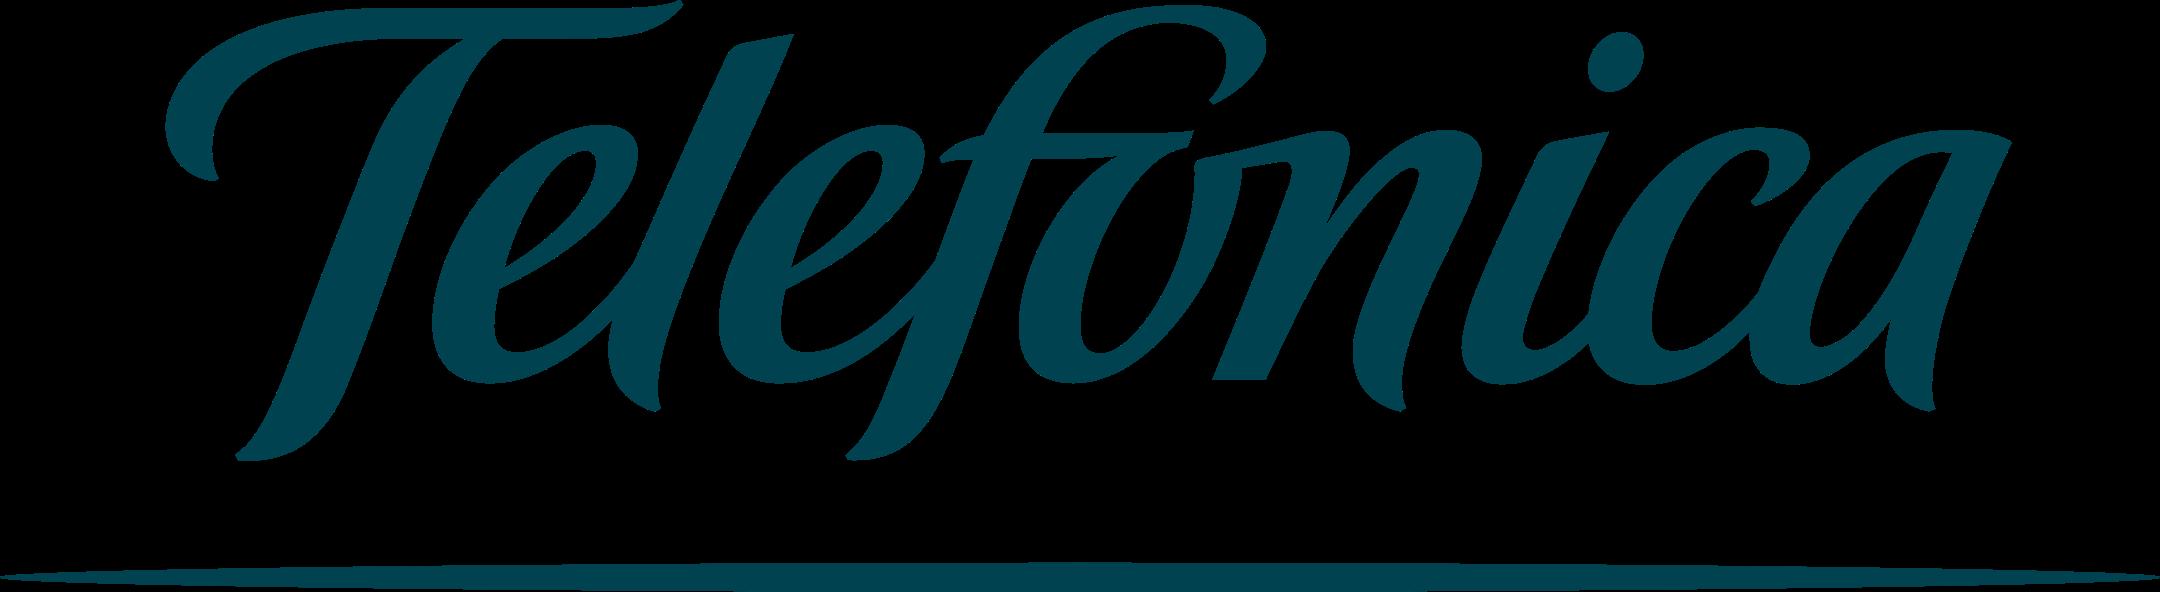 telefonica logo 1 - Telefónica Logo